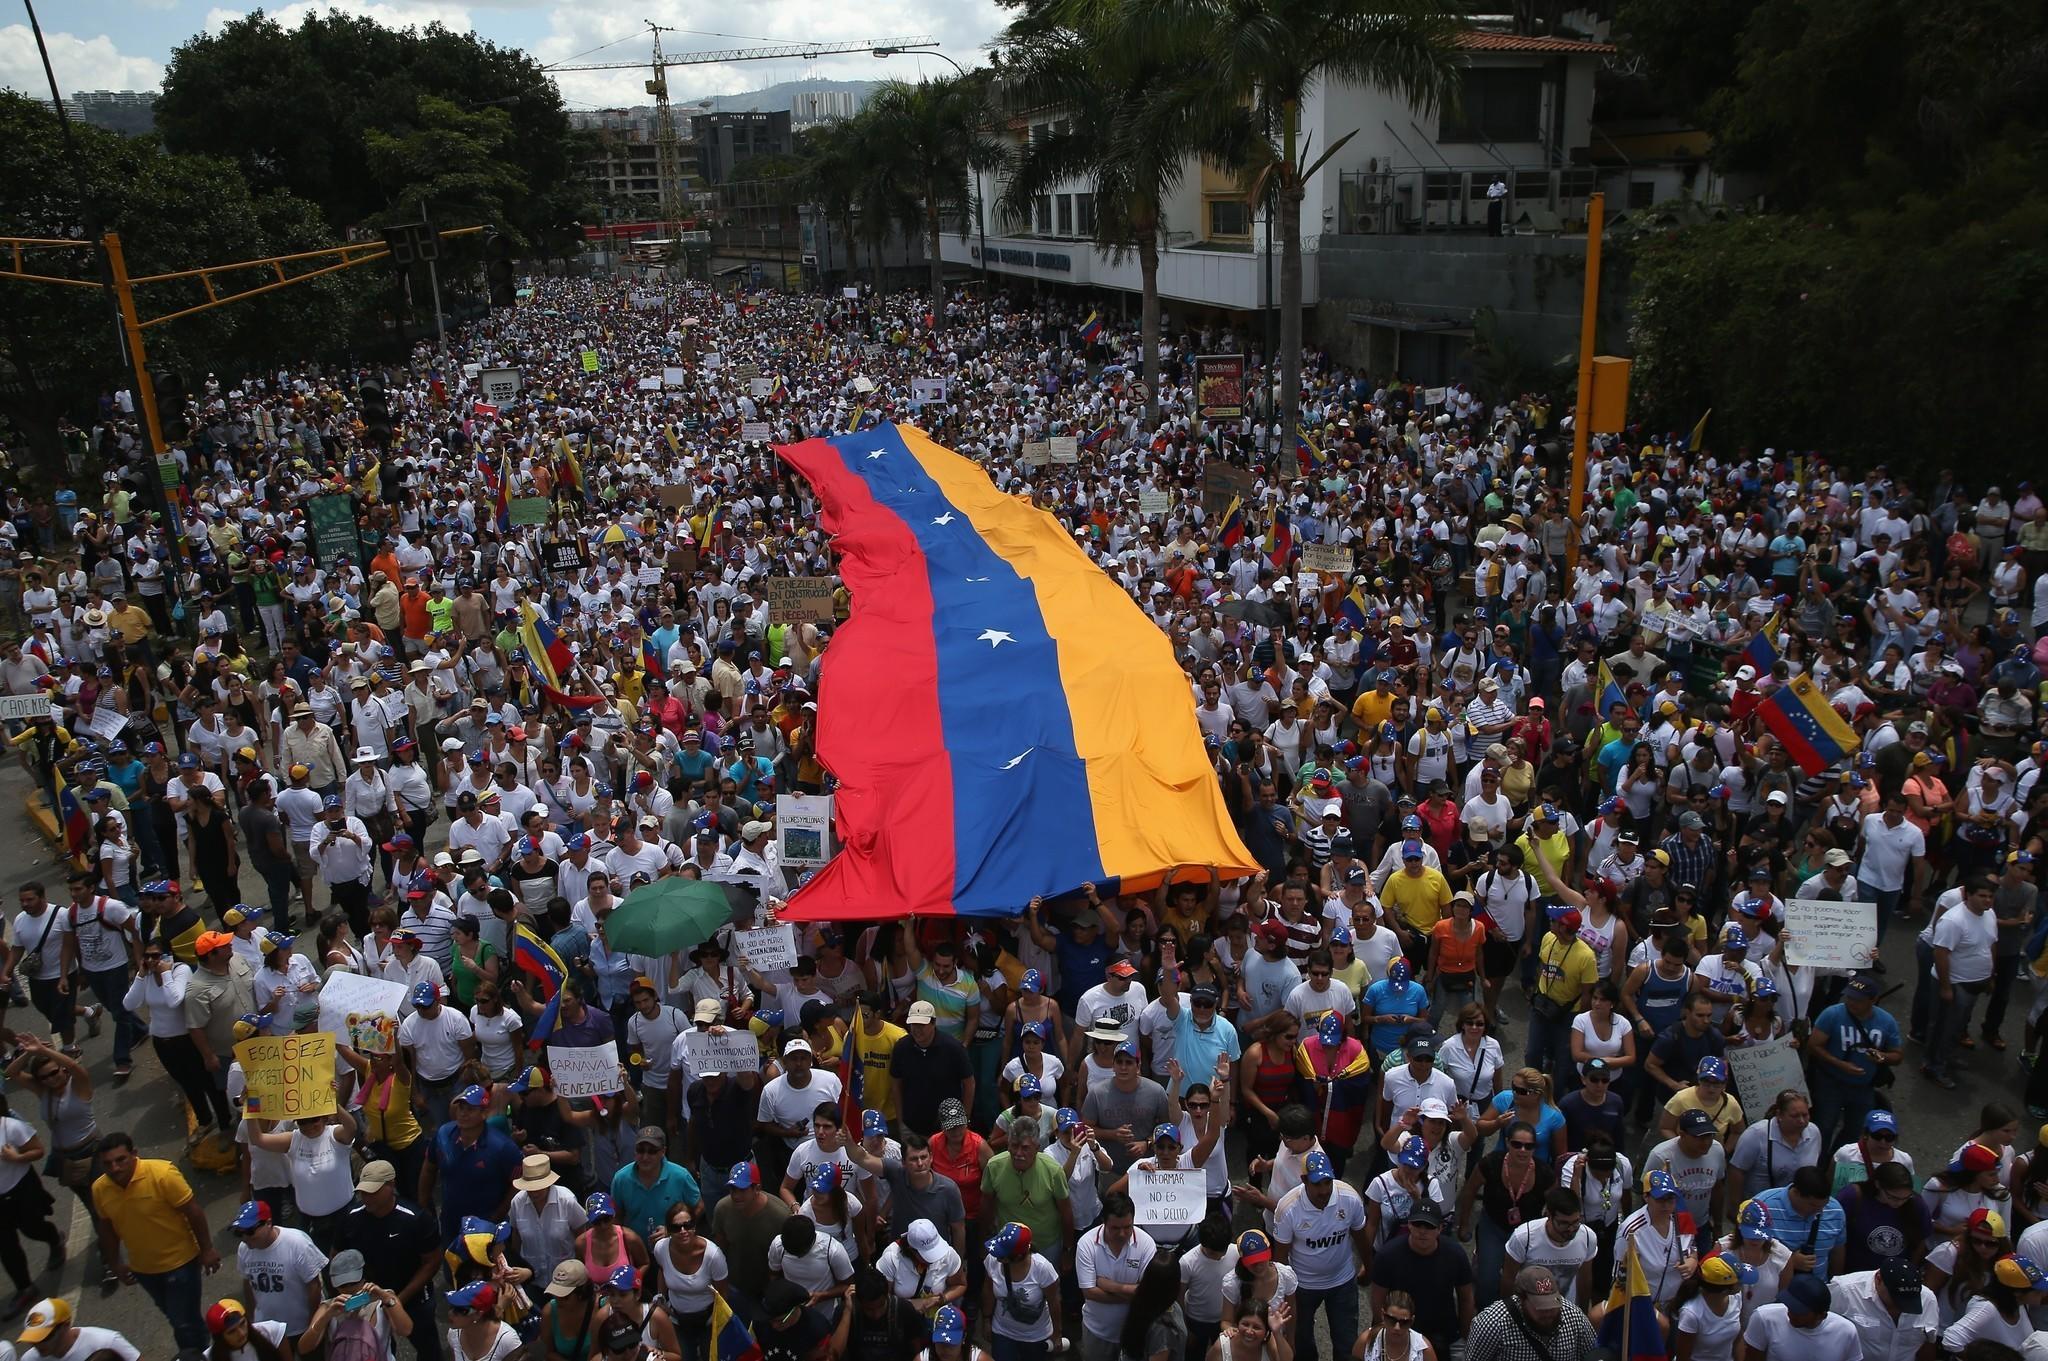 Precipita la situazione a Caracas: militanti chavisti occupano Parlamento